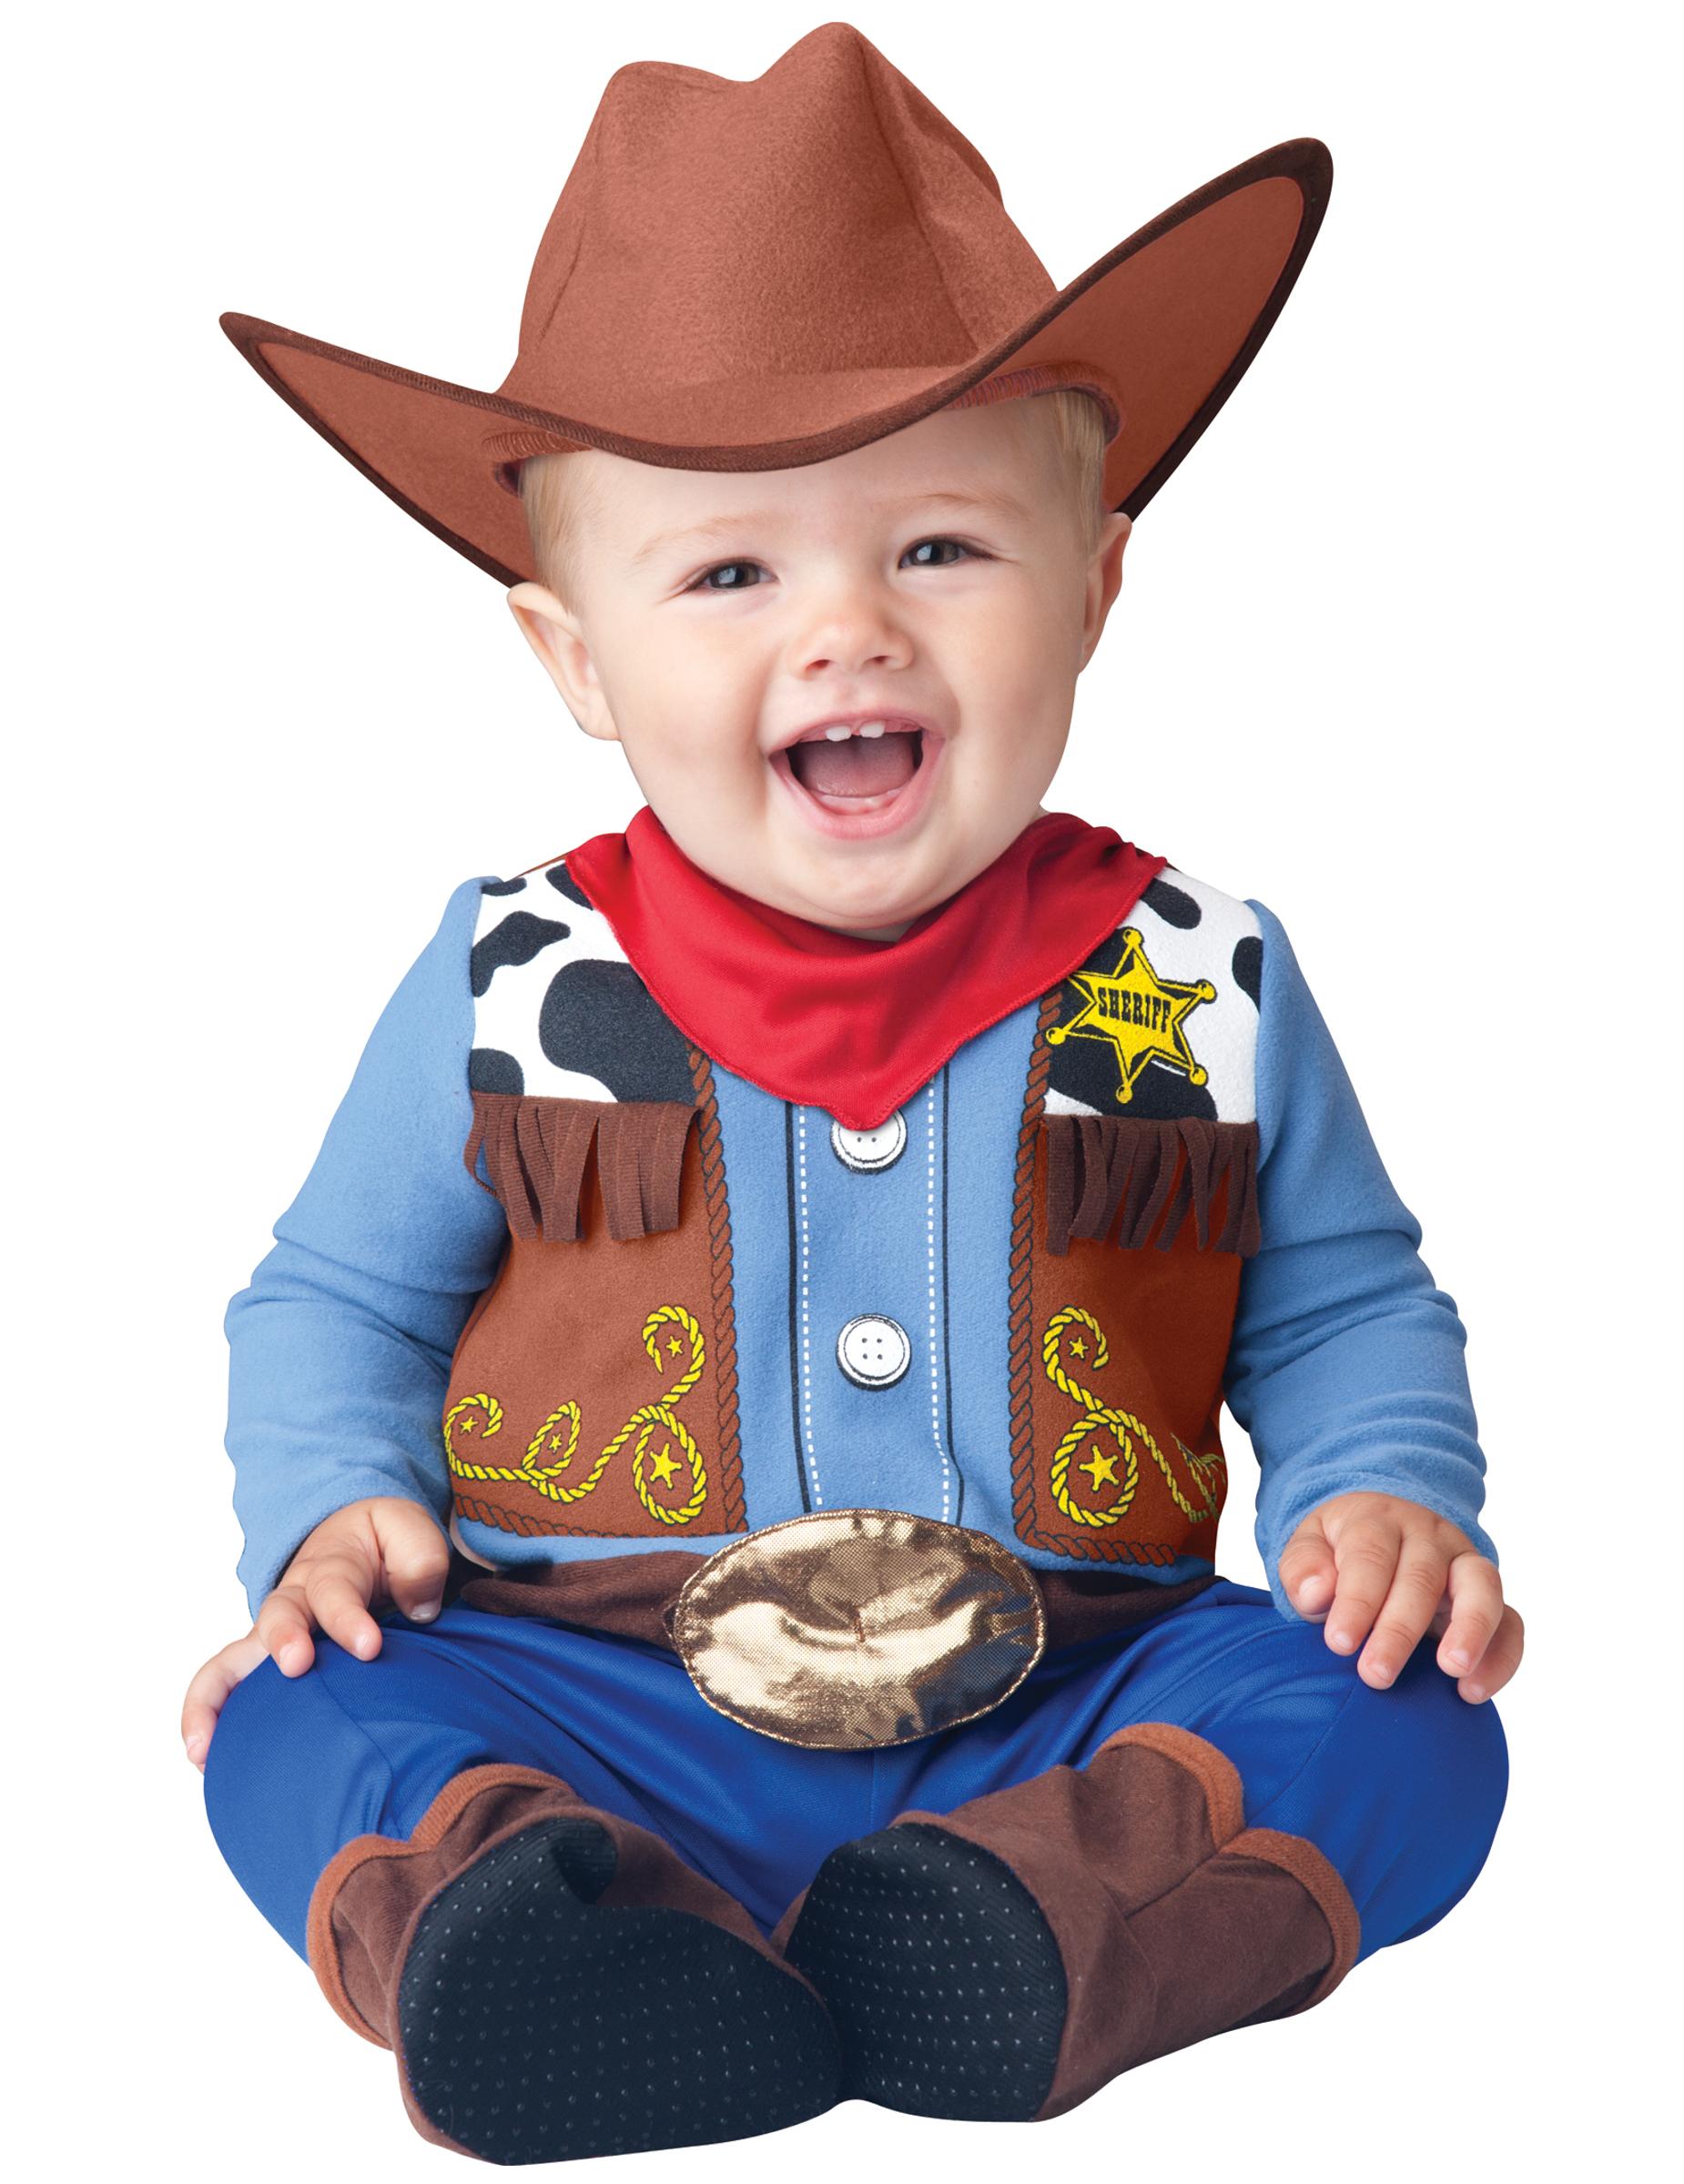 Ver fotos de disfraces para bebes 93